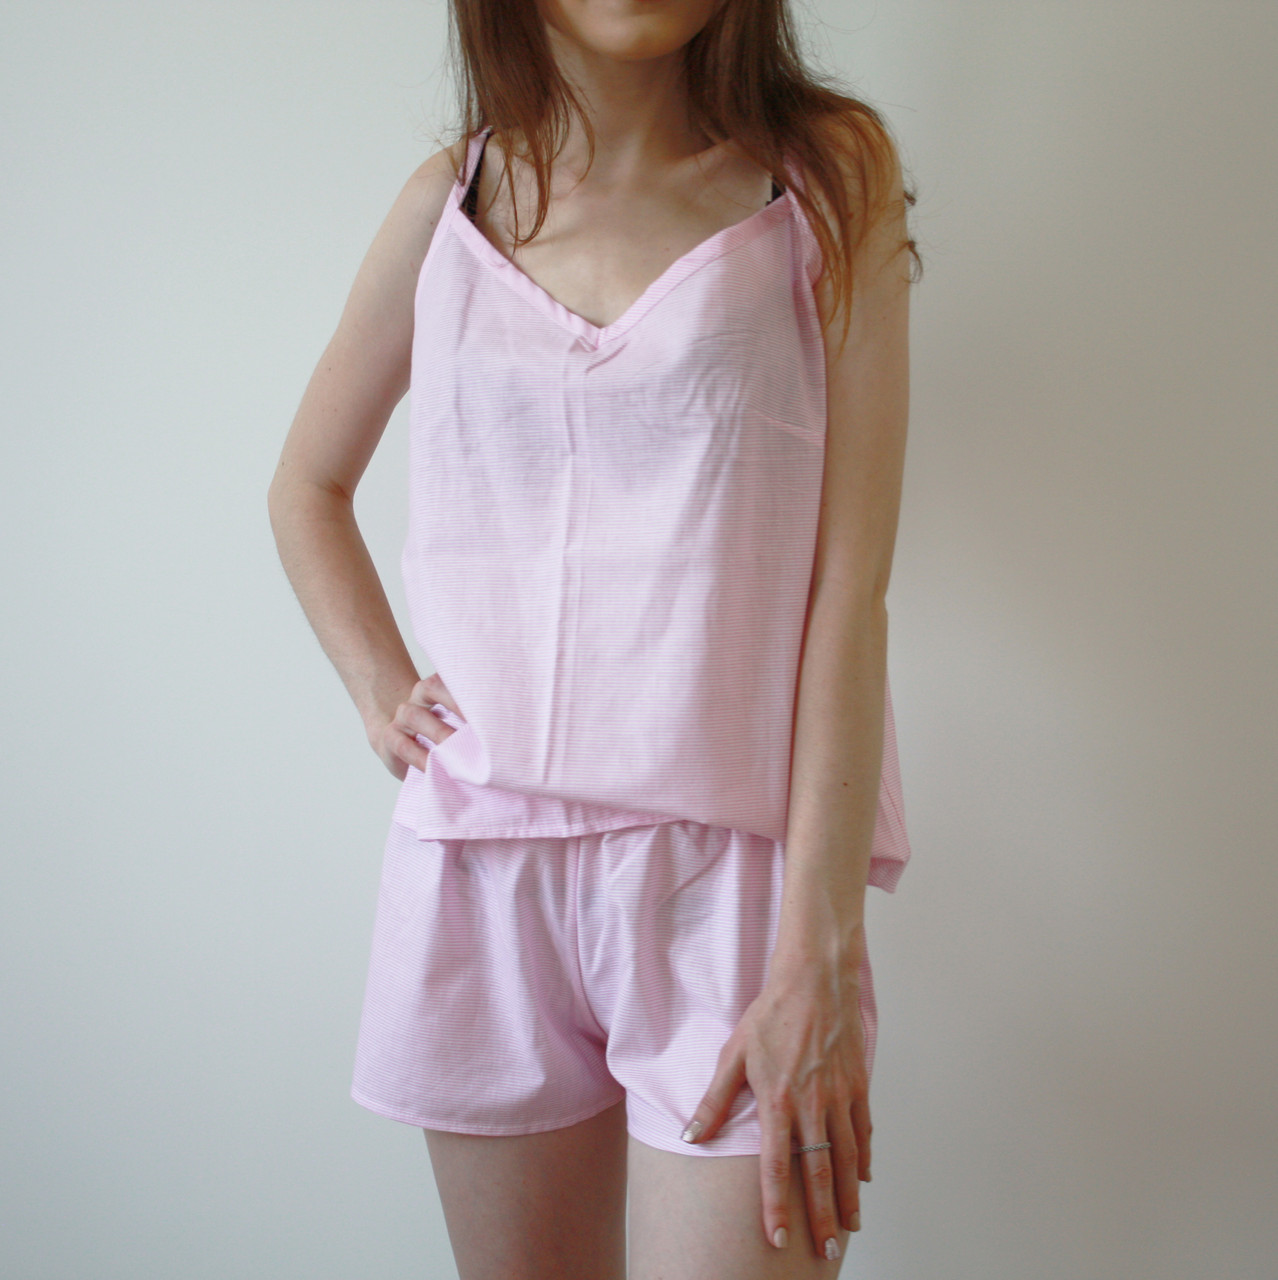 Пижама женская (майка и шорты) Розовая, хлопок